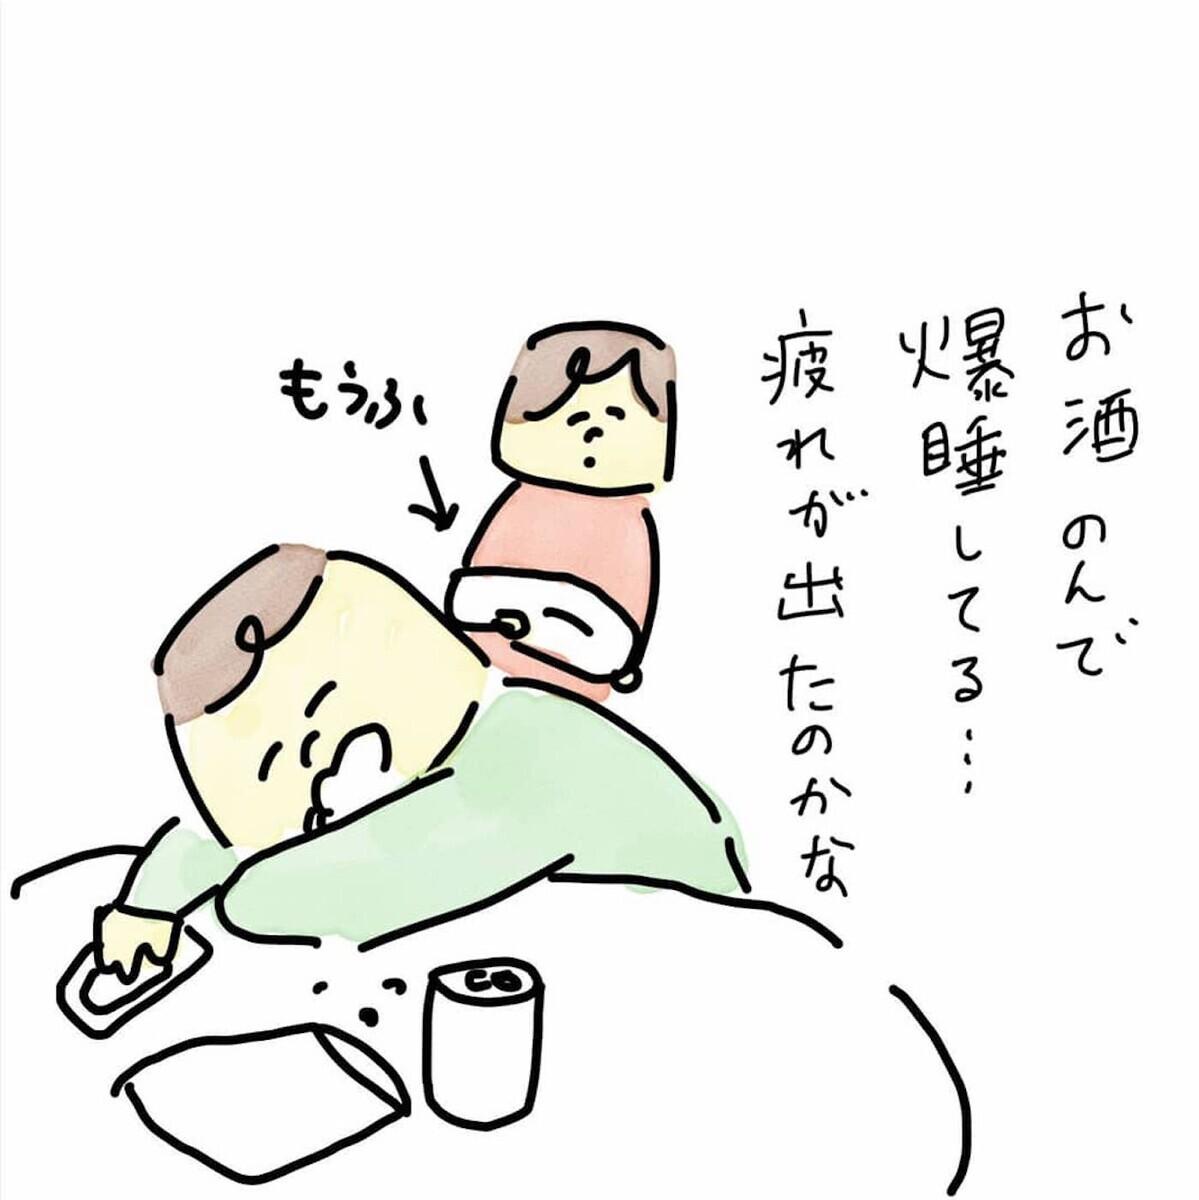 たまたま目に入った夫のLINE画面、ついにパンドラの箱をあけてしまった!(70日前&69日前) 【離婚まで100日のプリン Vol.16】